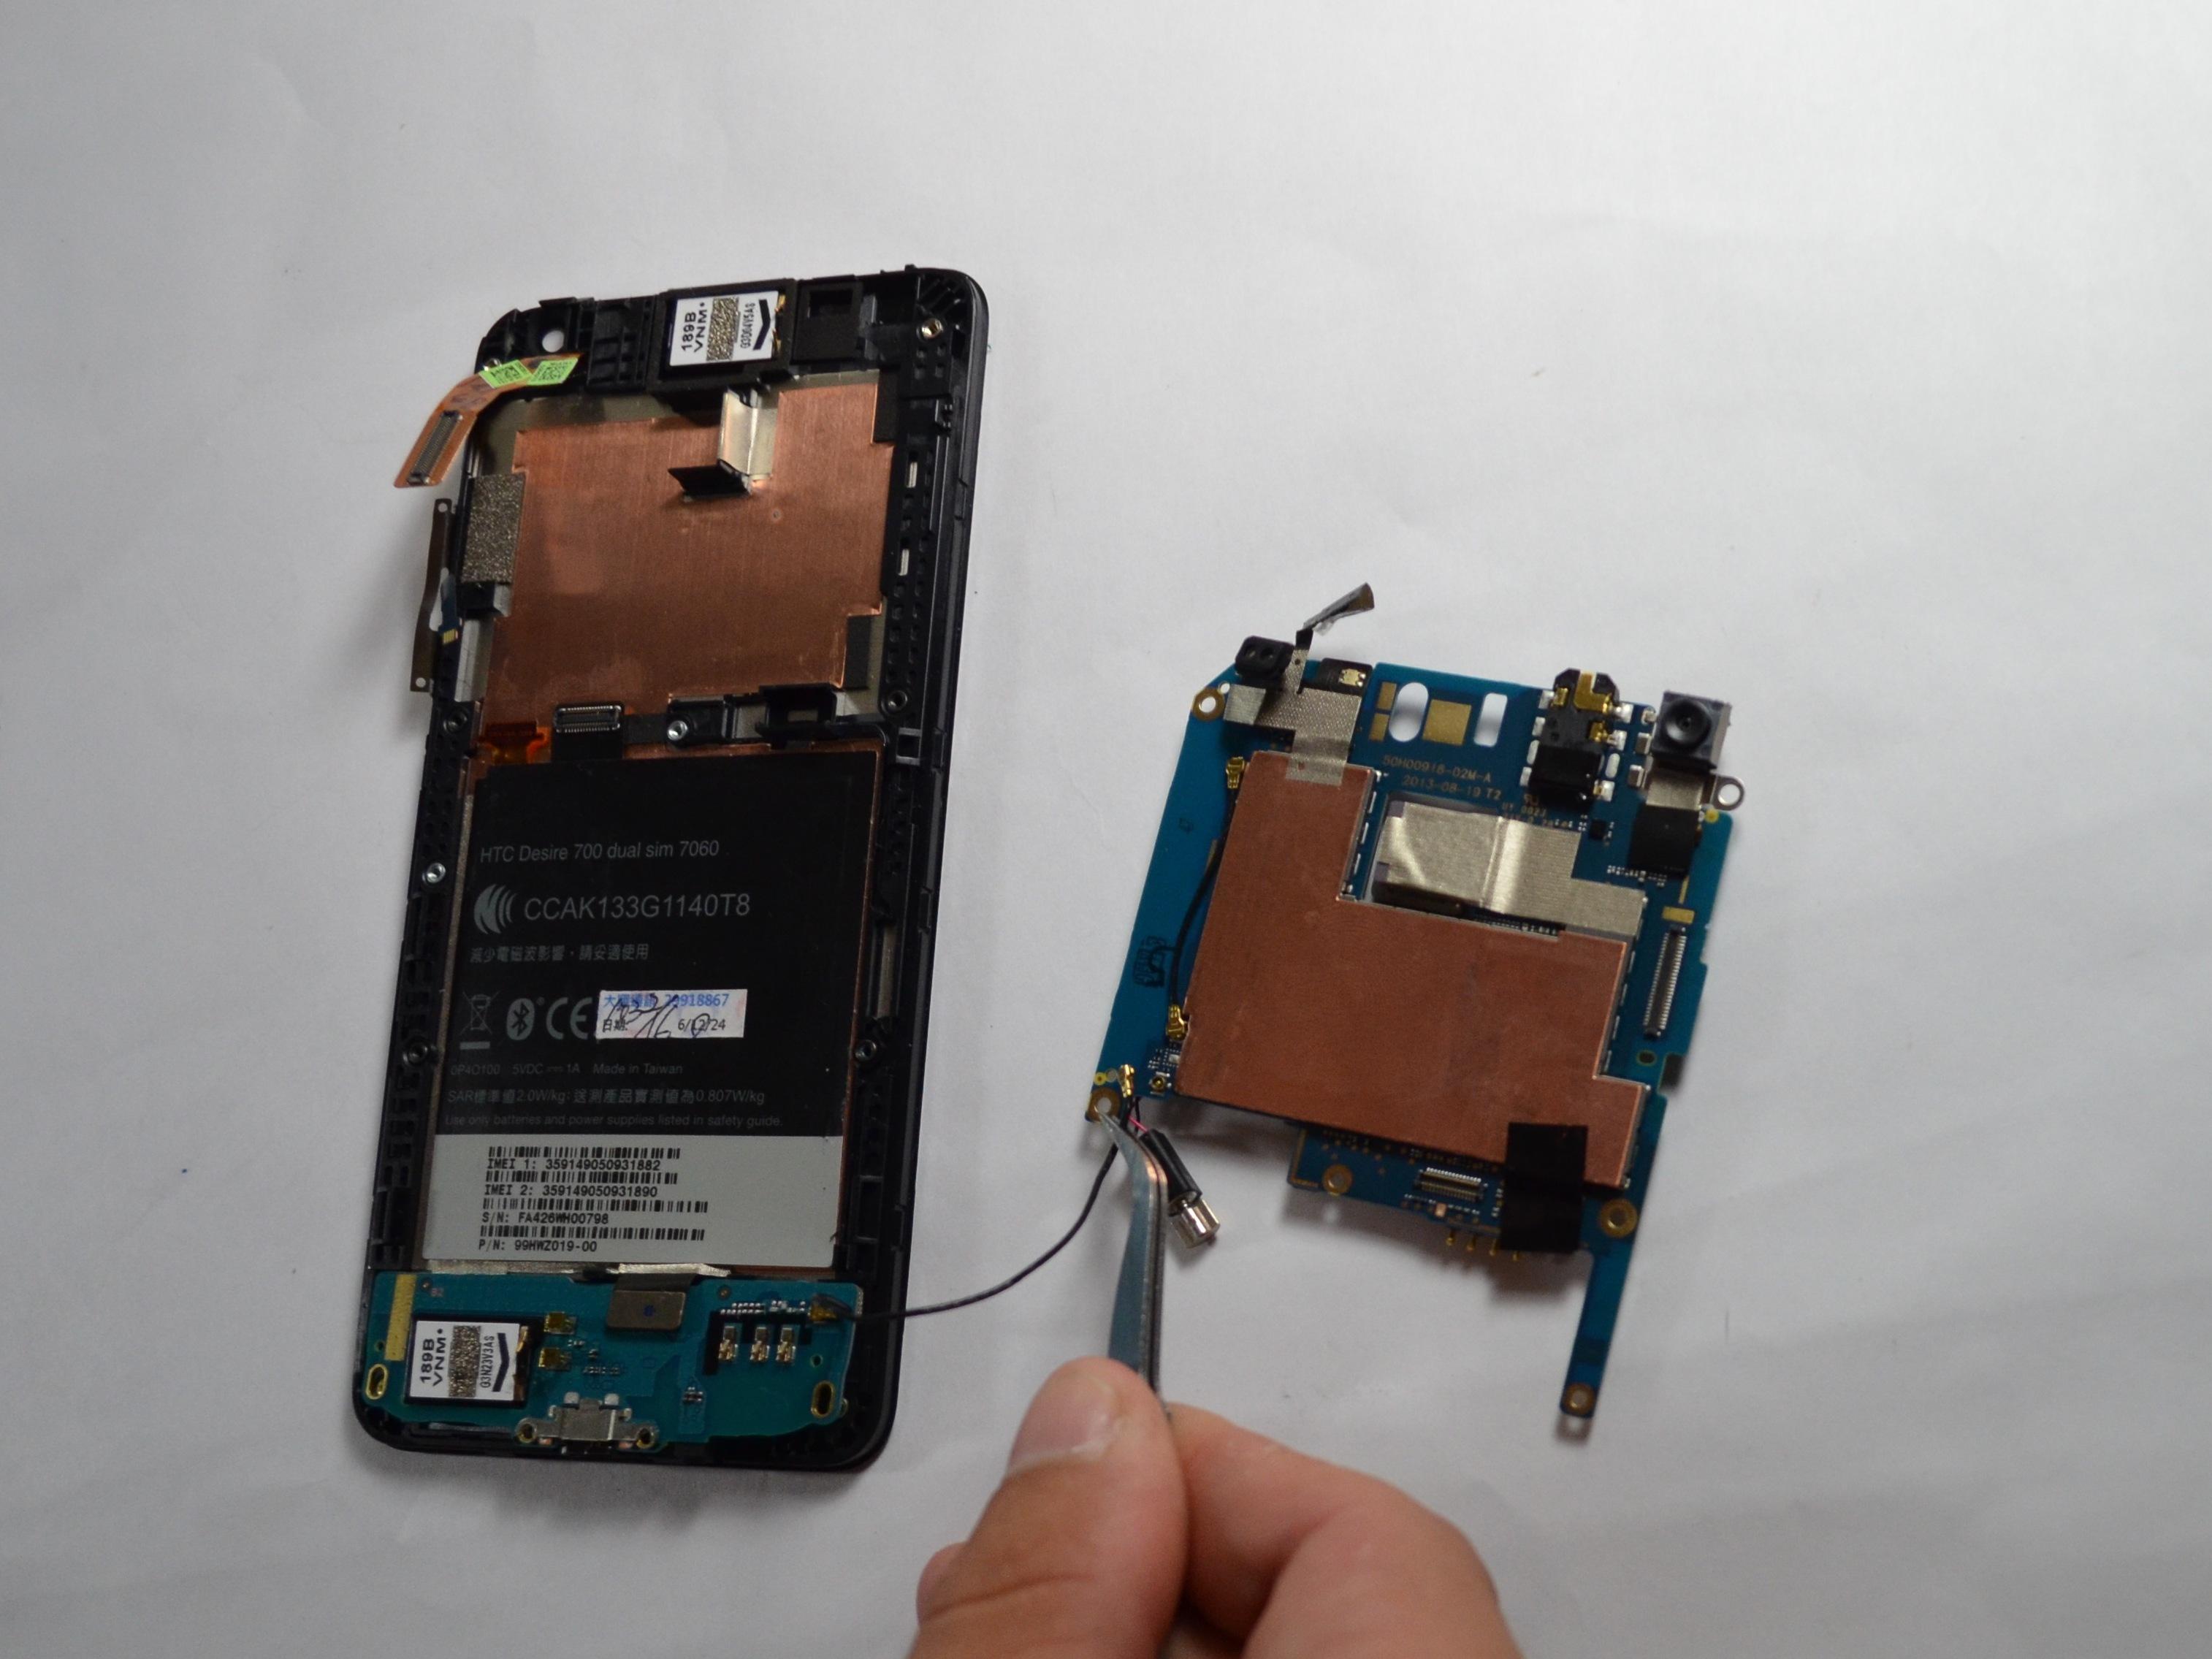 HTC Desire 700 Dual Sim Printed Circuit Board (PCB) Replacement - iFixit  Repair Guide